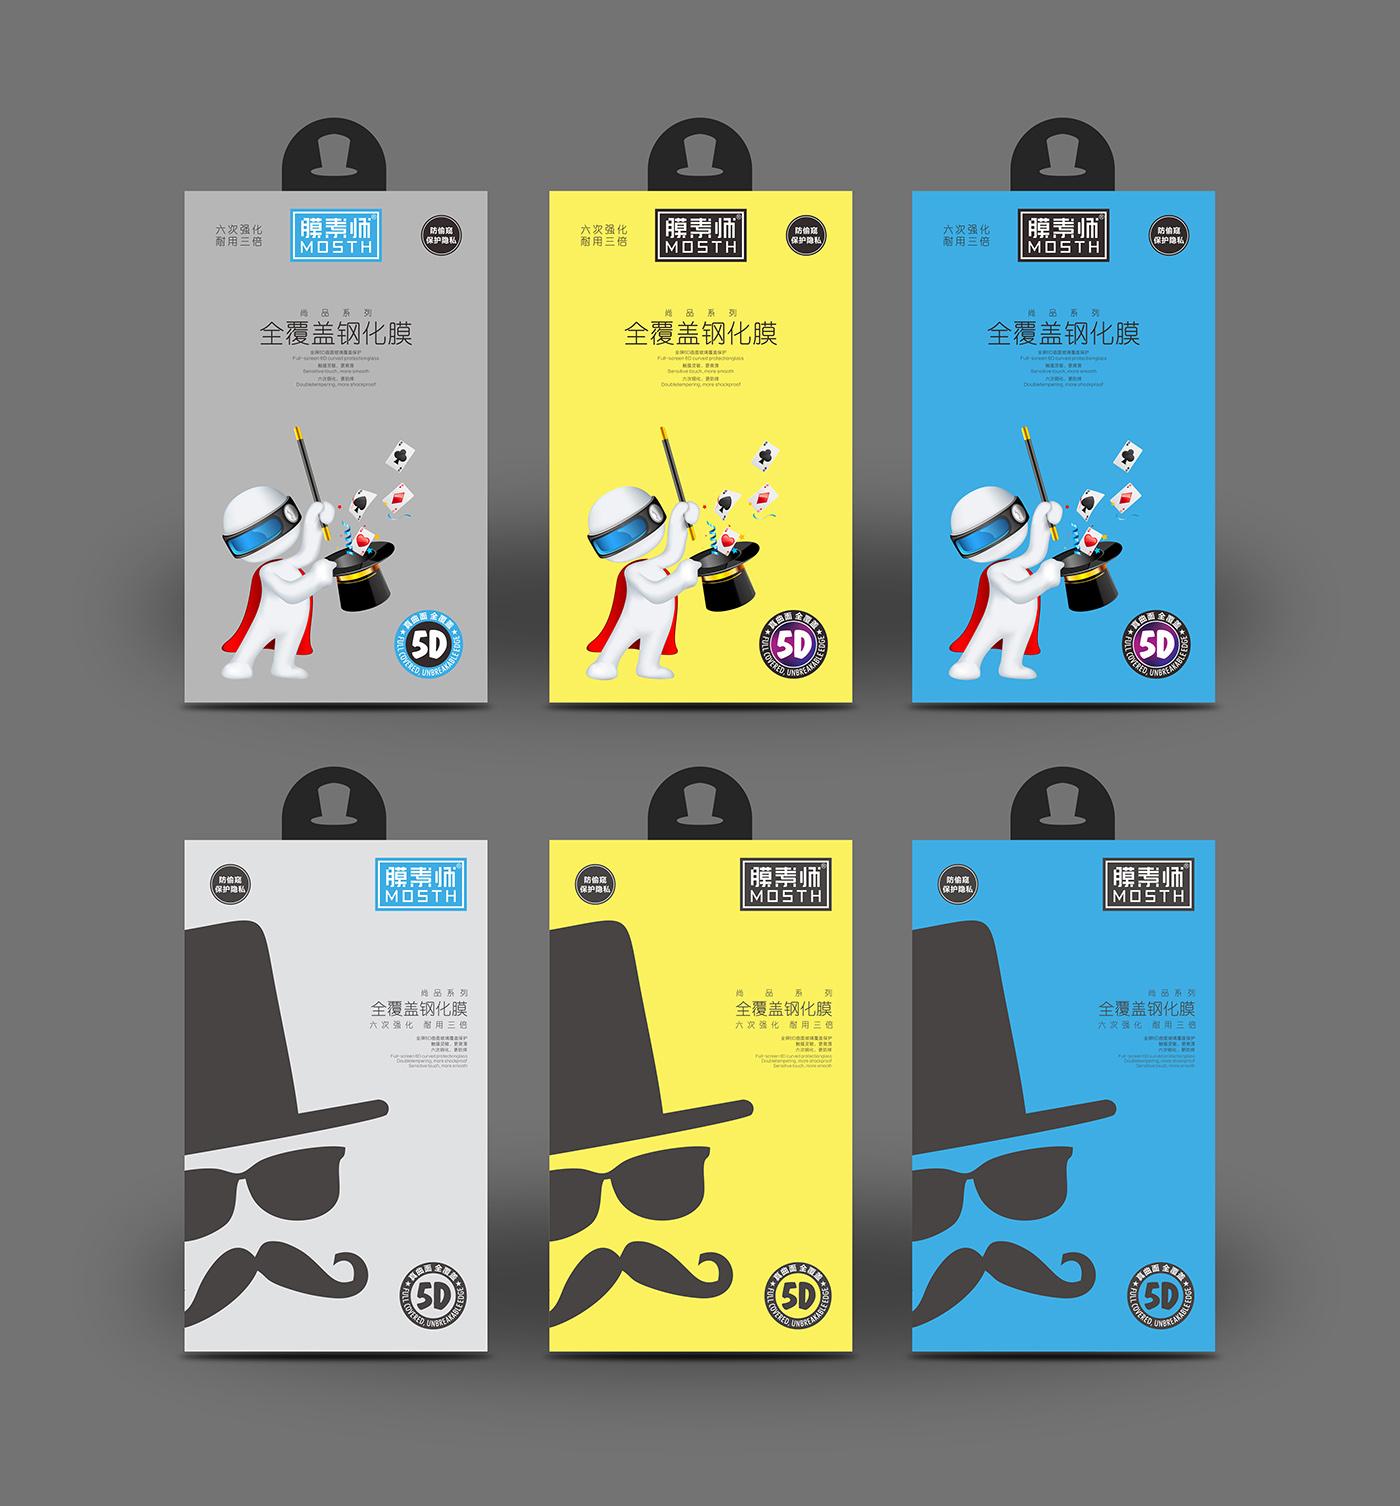 手机钢化膜包装设计 手机配件产品包装策略规划-youjoys.net